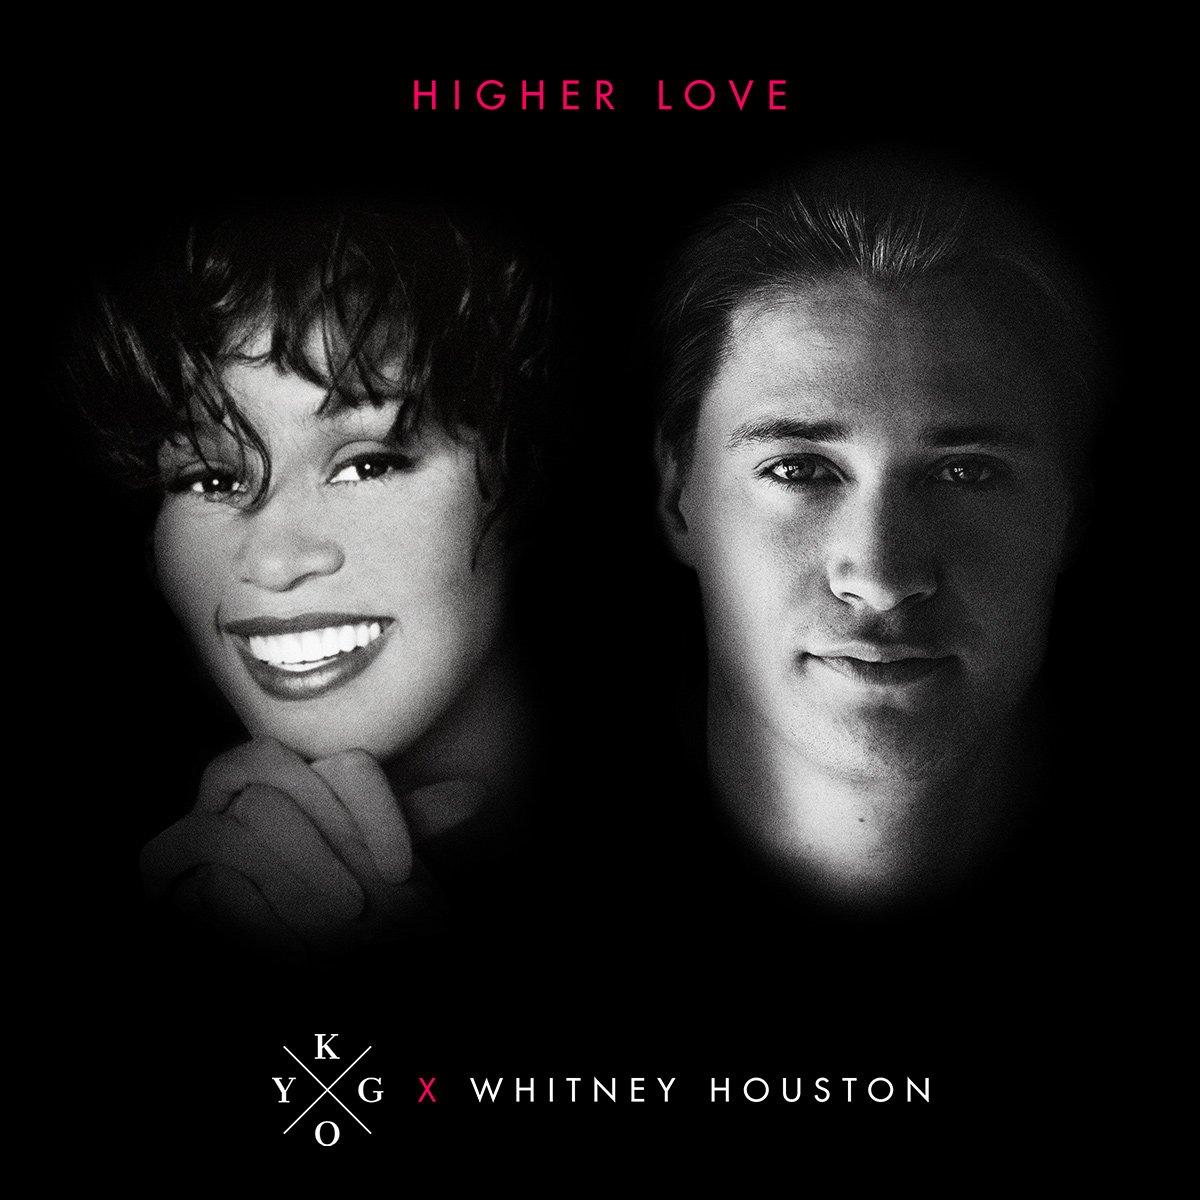 Kygo x Whitney Houston - Higher Love